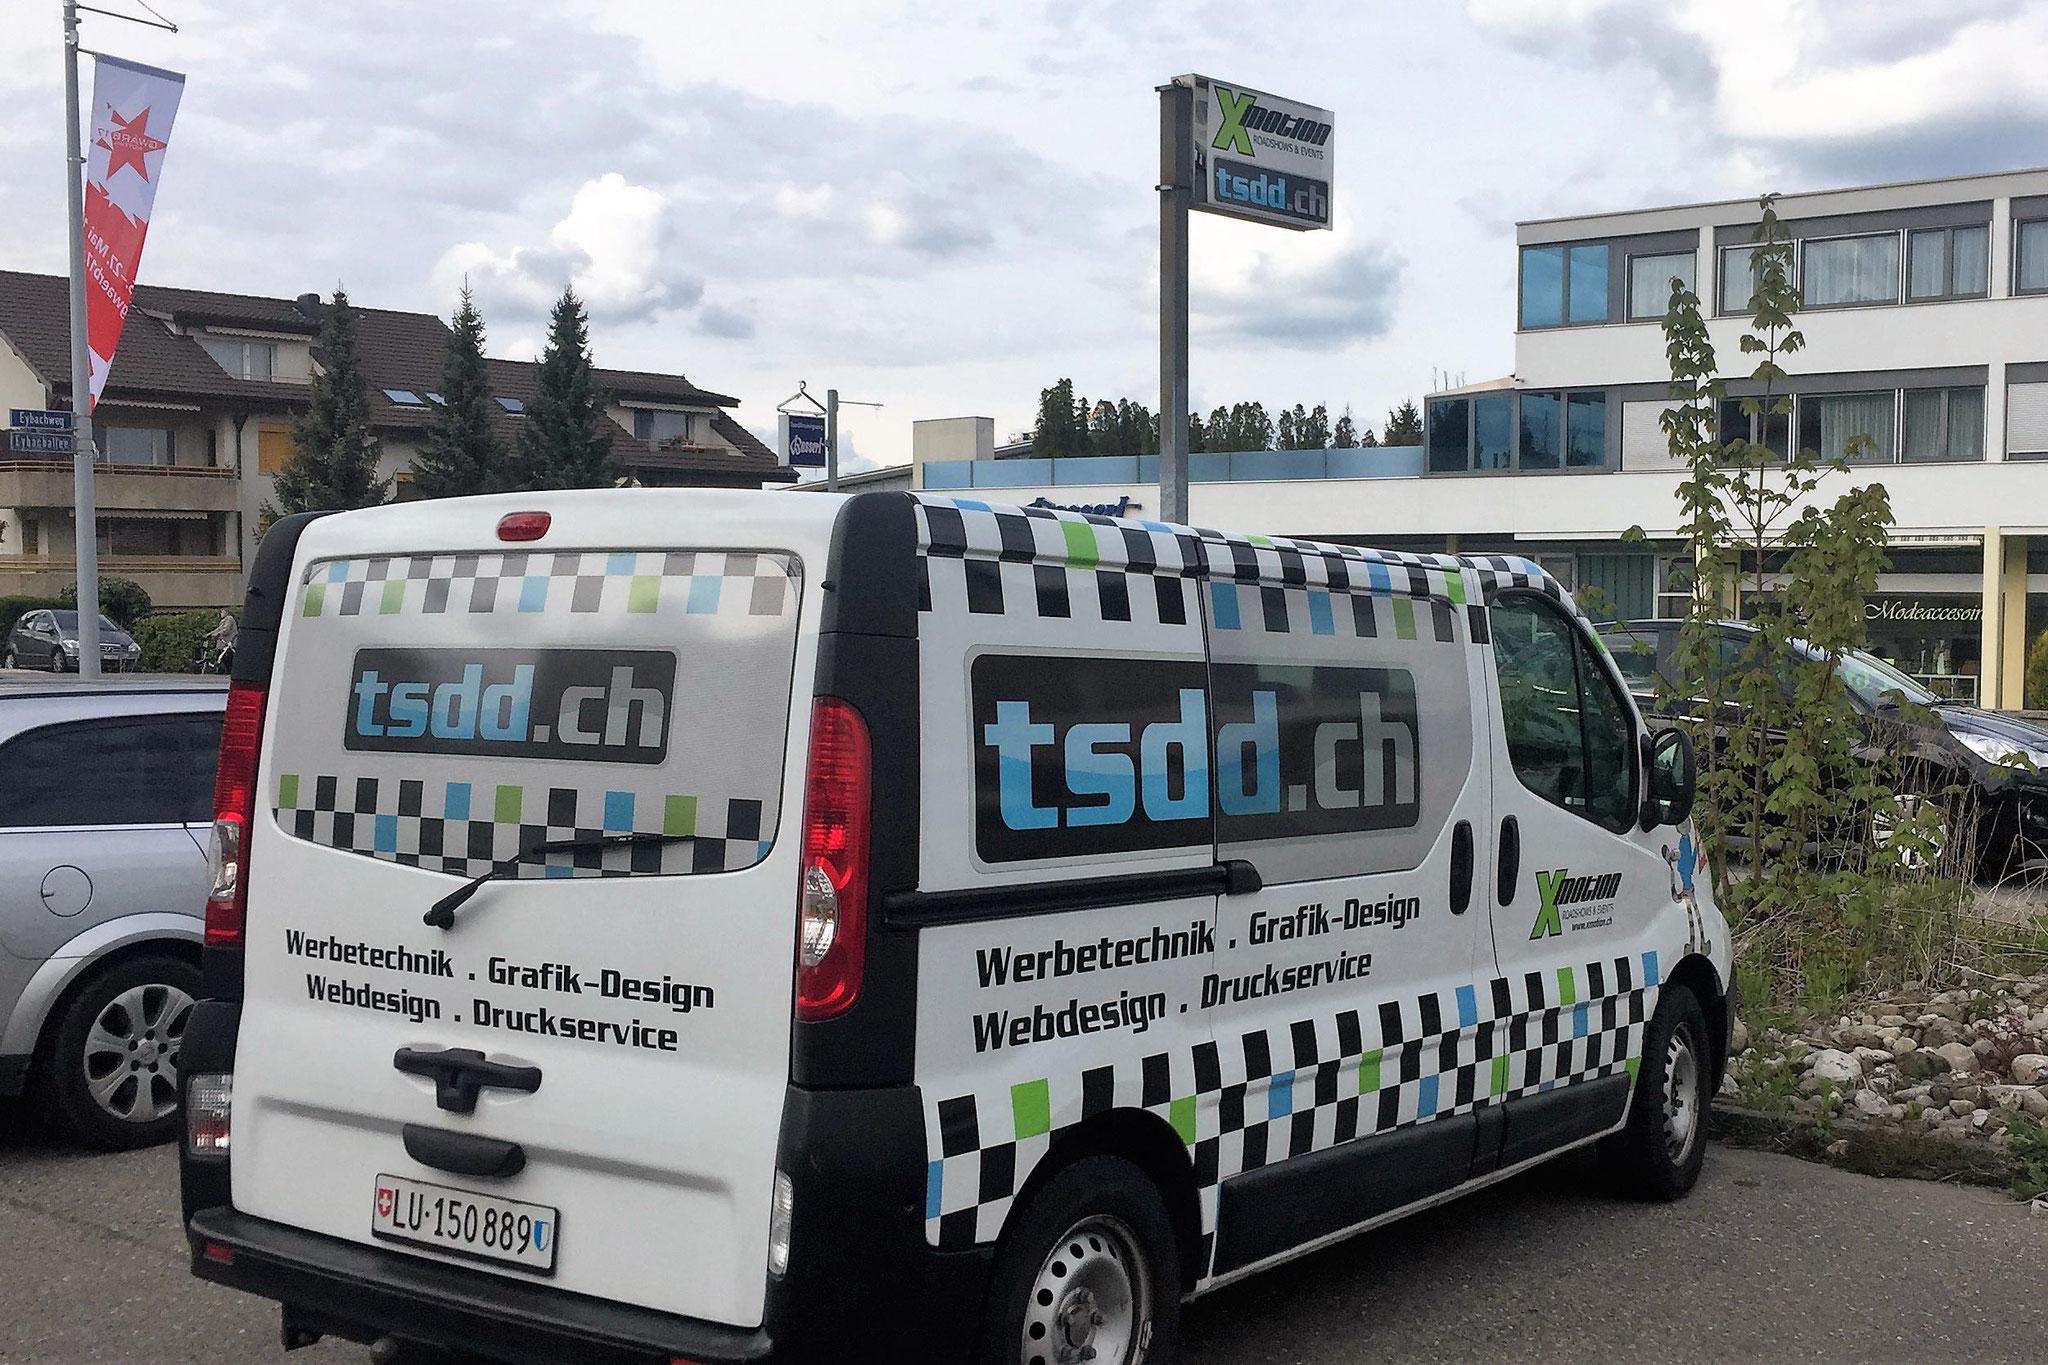 Firmenwagen der tsdd GmbH